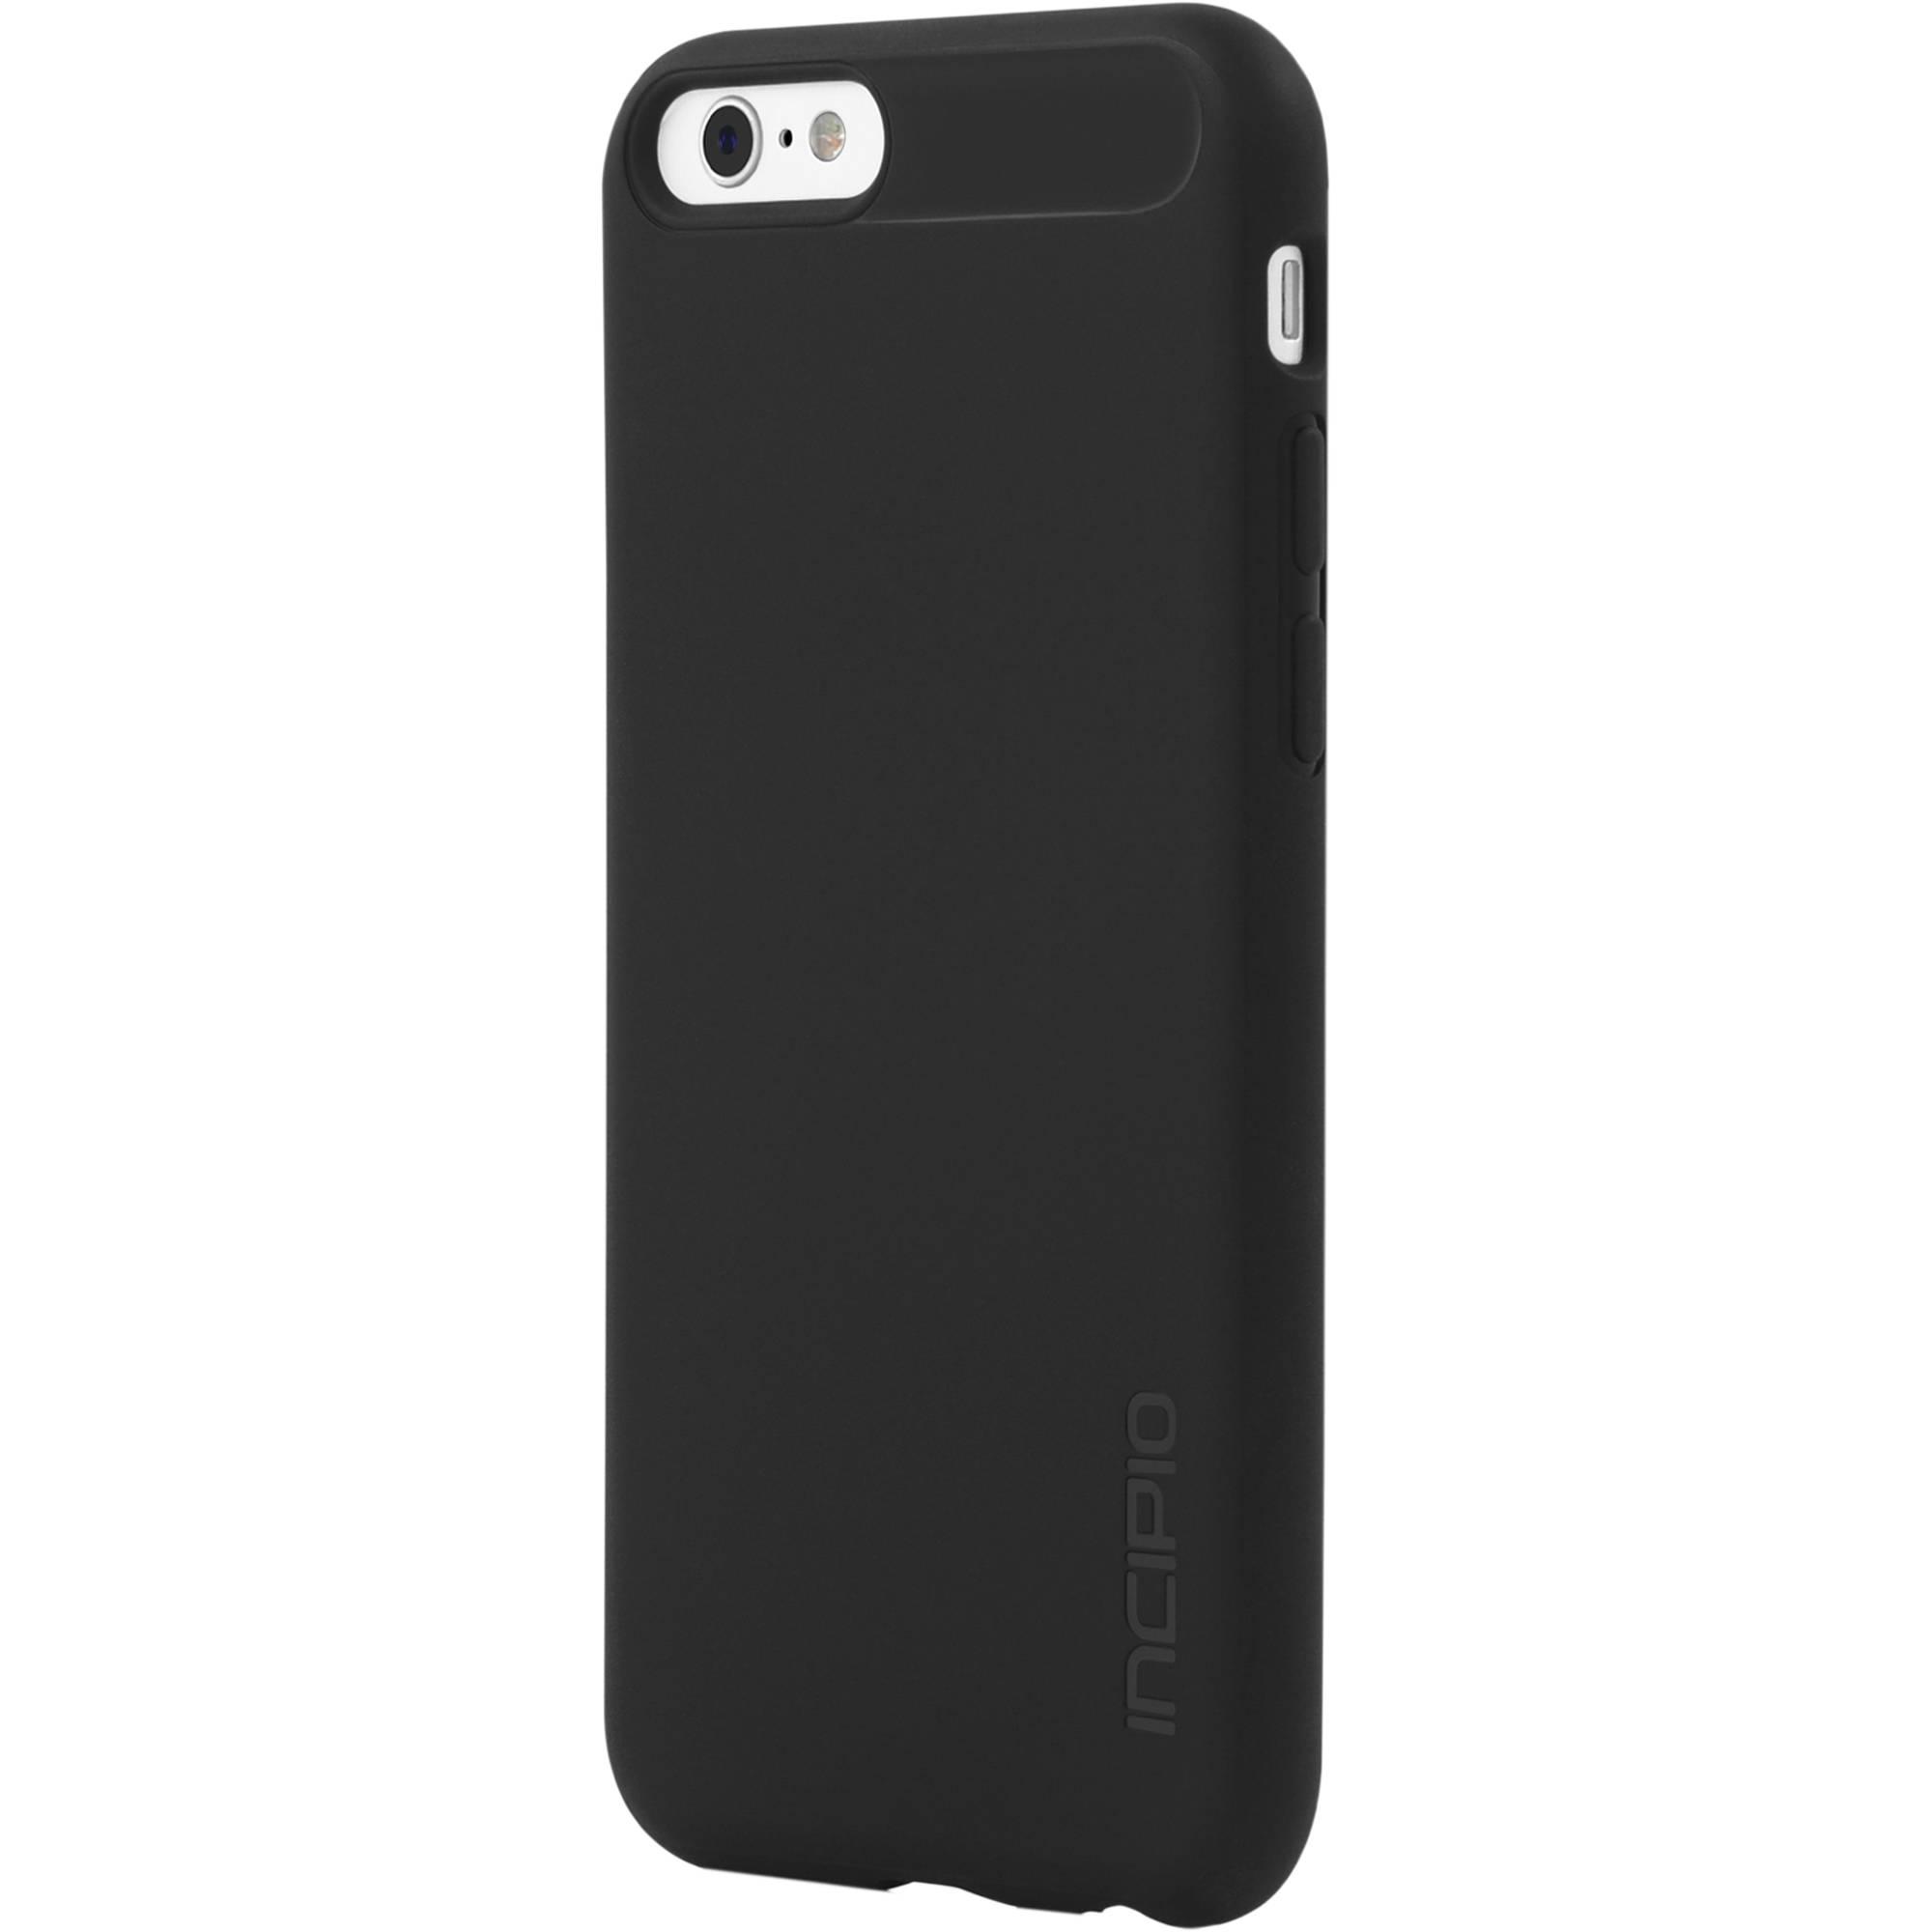 buy online e1a4d 7e379 Incipio NGP Flexible Shock Absorbent Case for the iPhone 6/7/8 (Black)